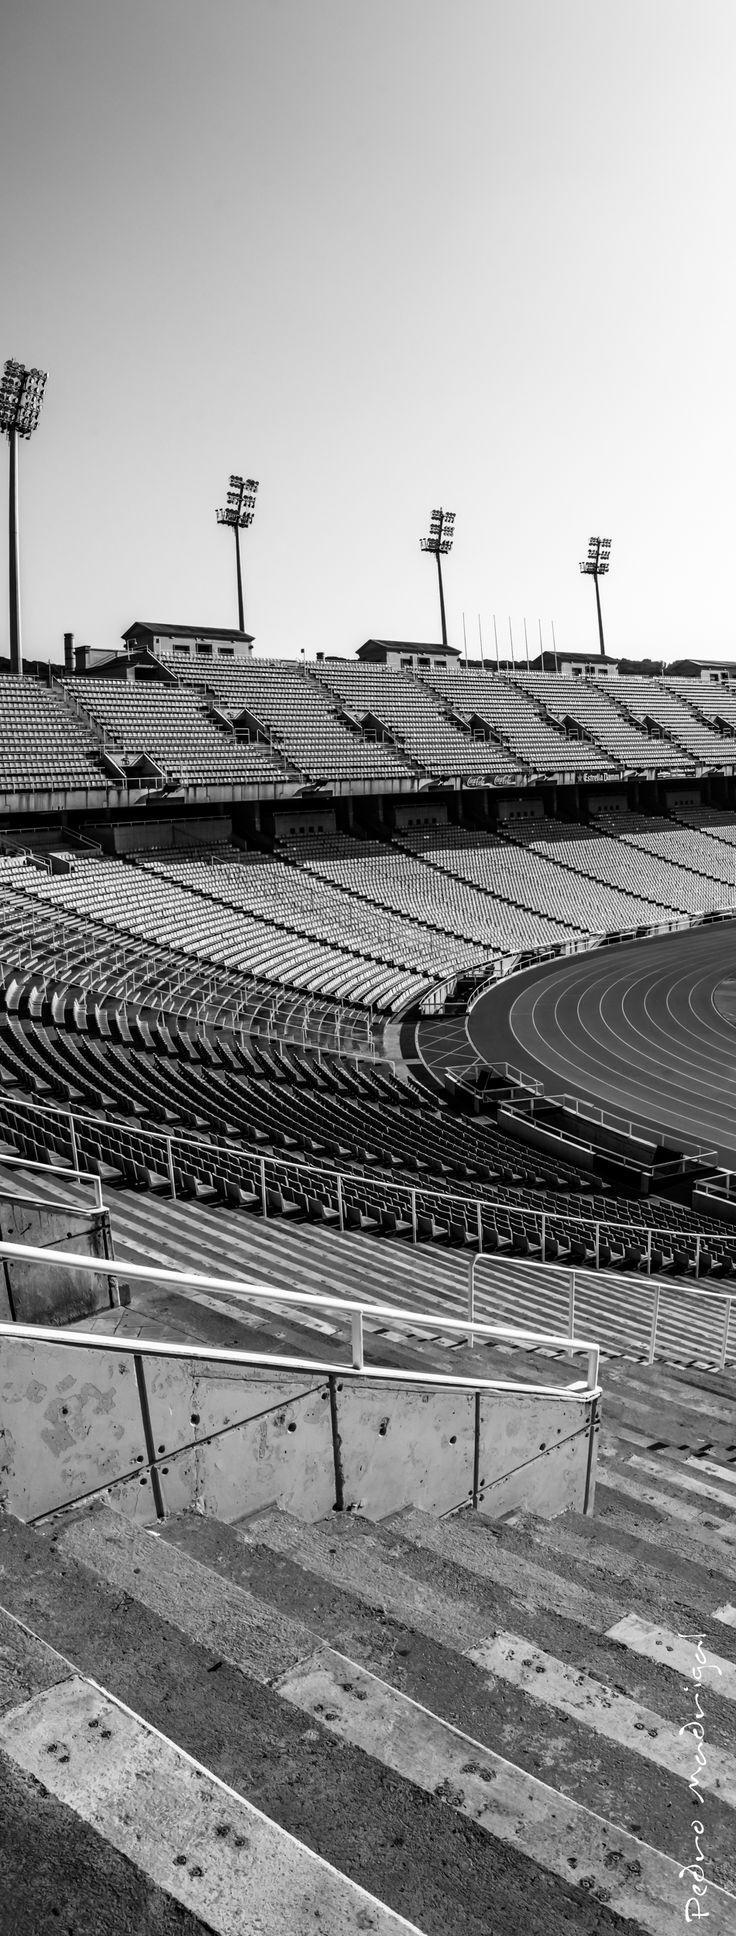 Vertical del «Estadi Olímpic Lluís Companys» [Estadio Olímpico Lluís Companys]